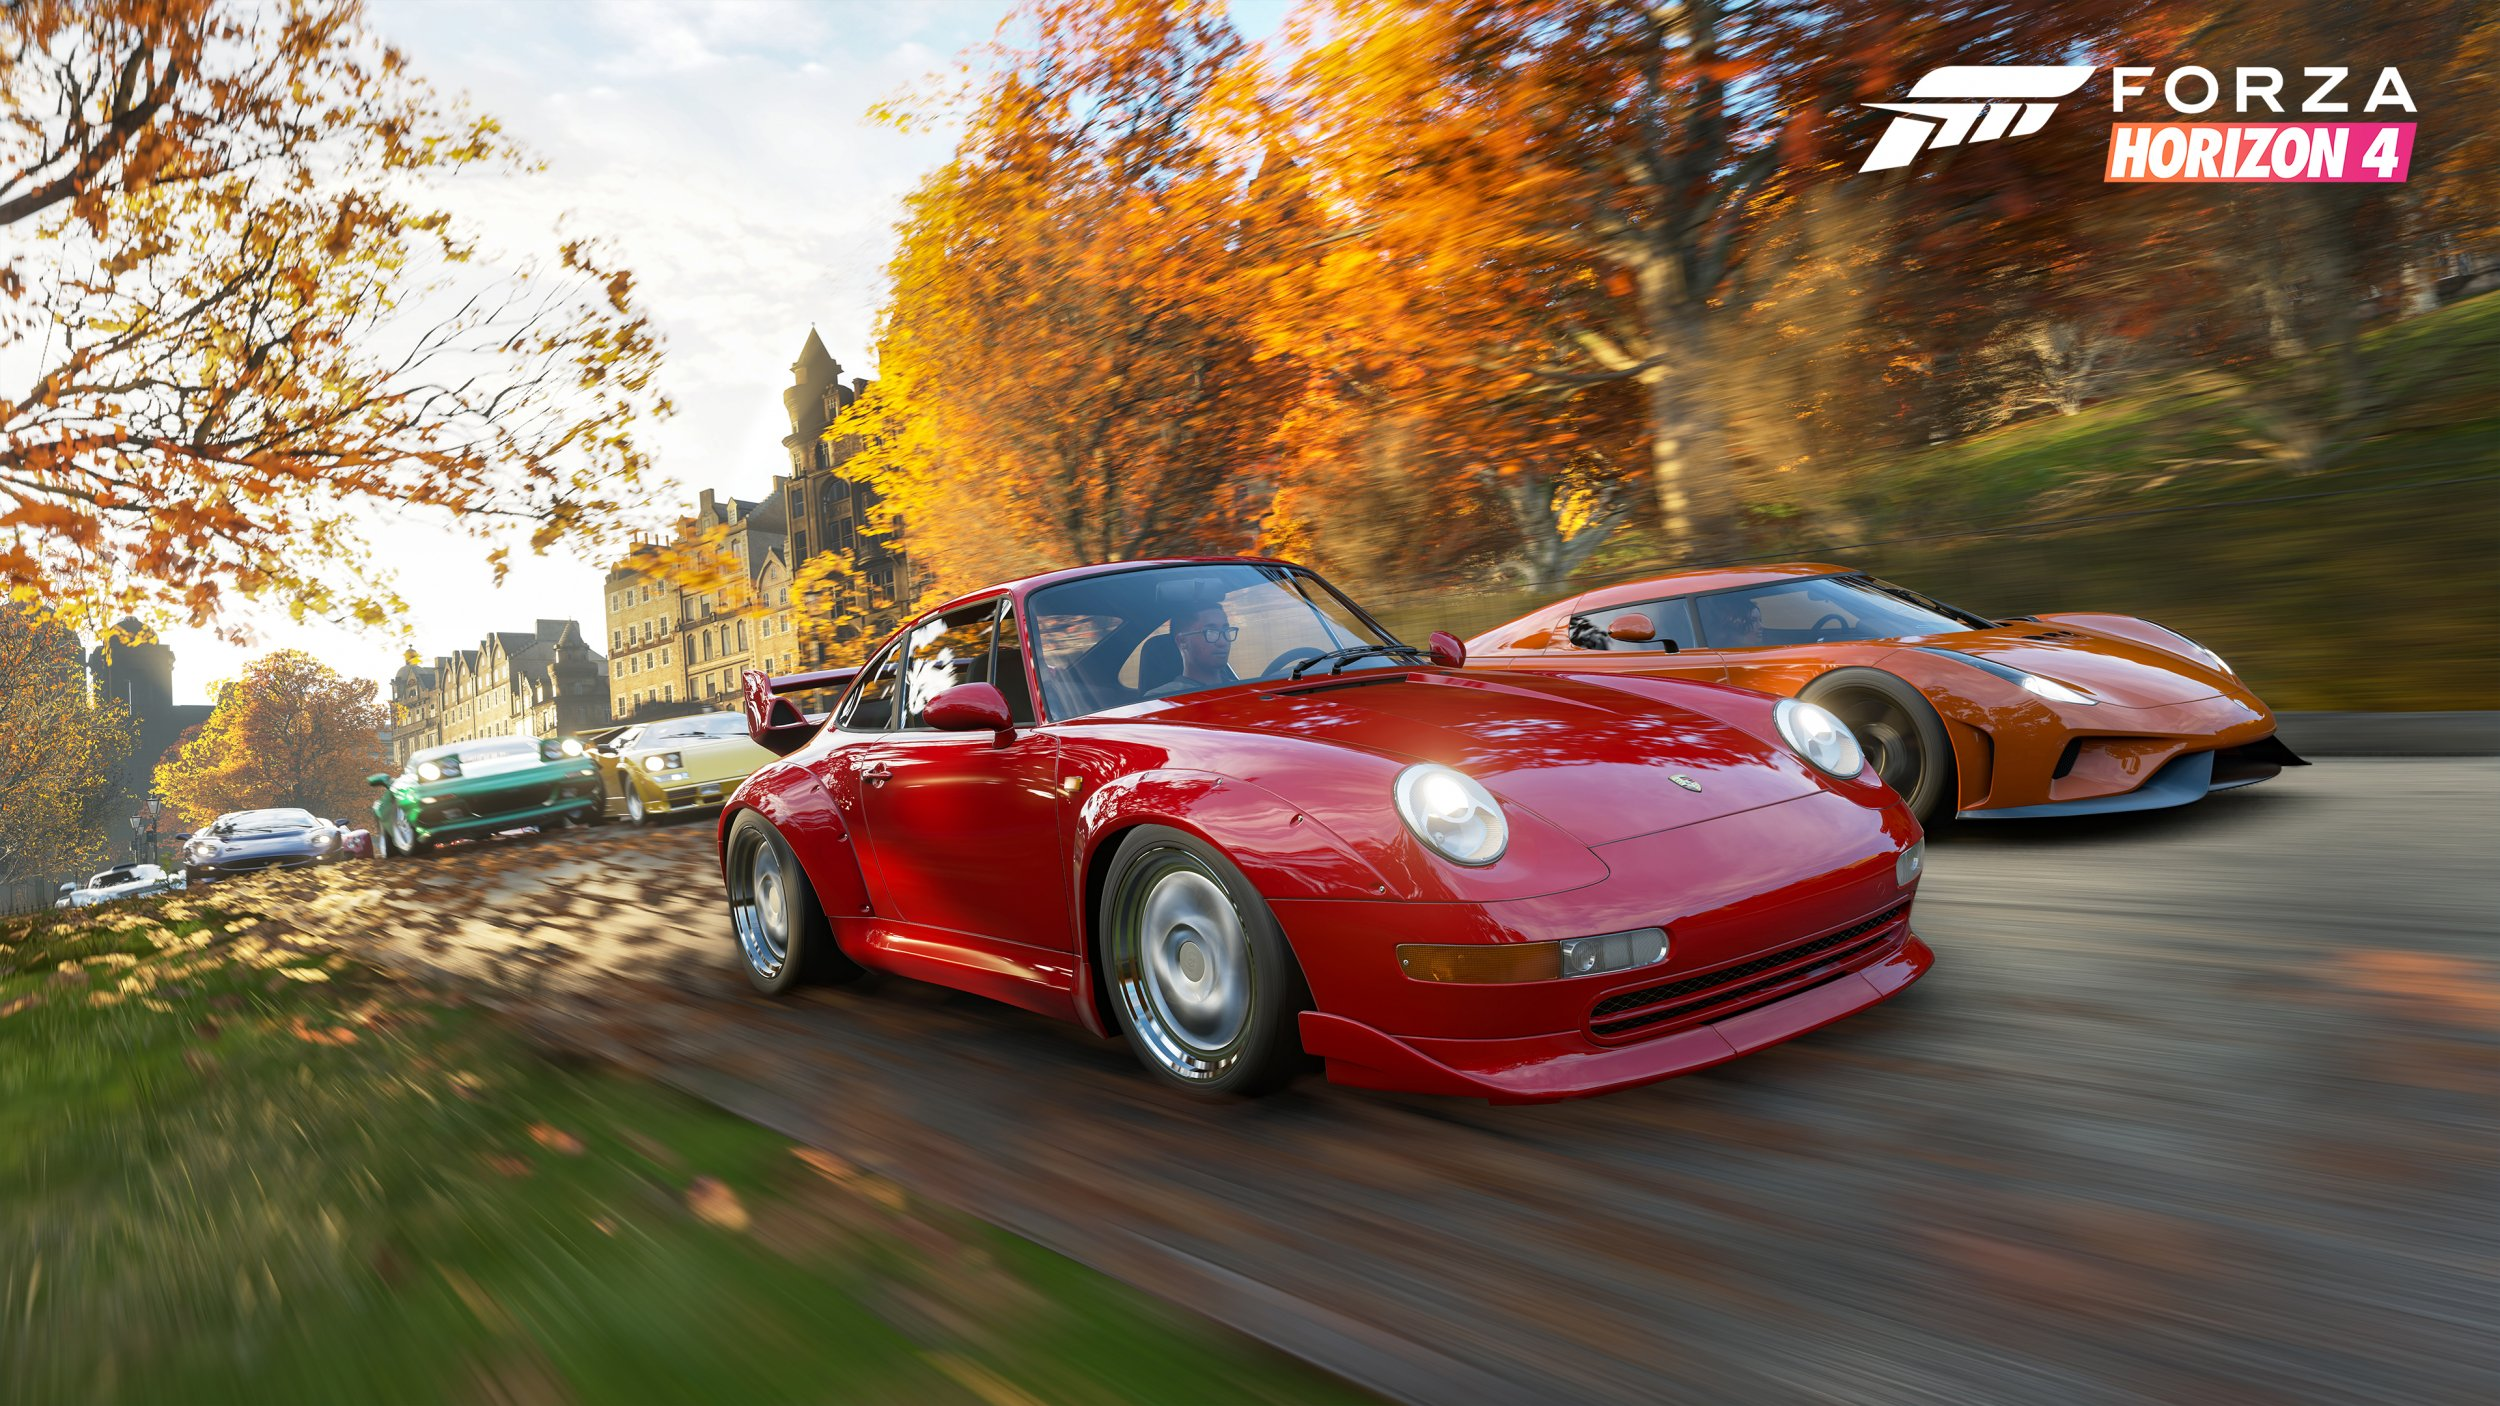 Forza horizon 2 release date in Australia